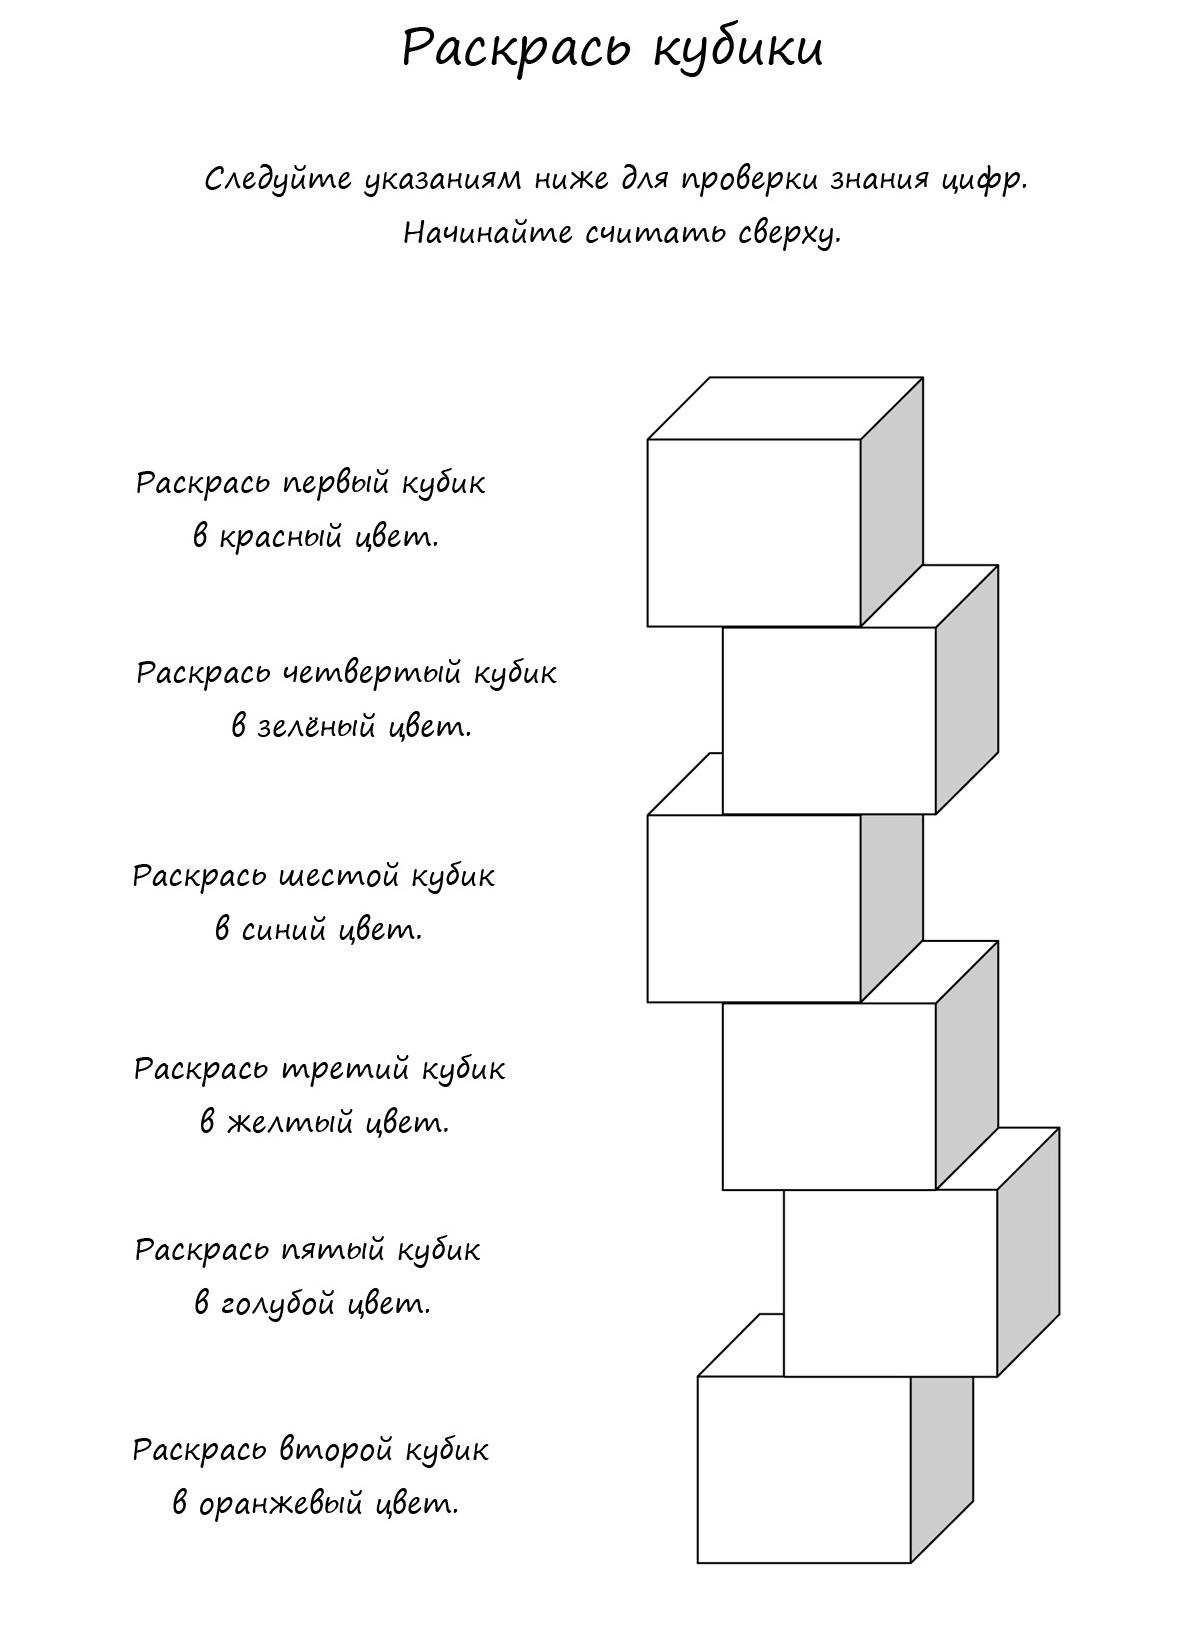 раскраска кубики по цифрам распечатать или скачать бесплатно